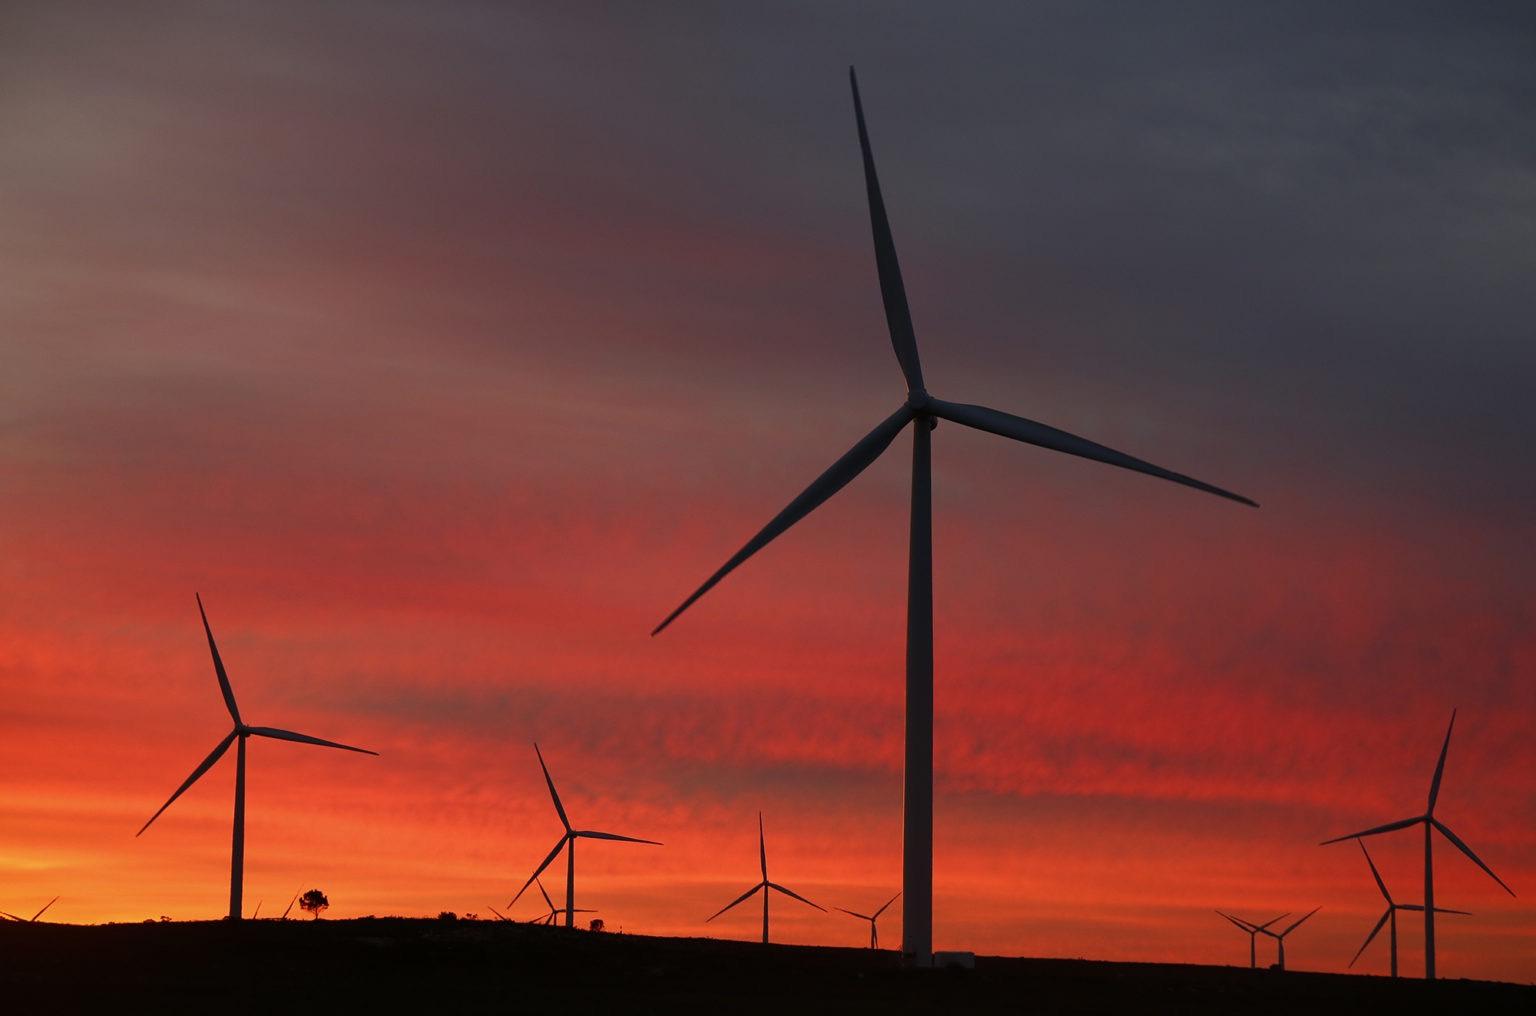 Trang trại gió Vịnh Jeffreys ở Đông Cape. (Ảnh: EPA / Nic Bothma)